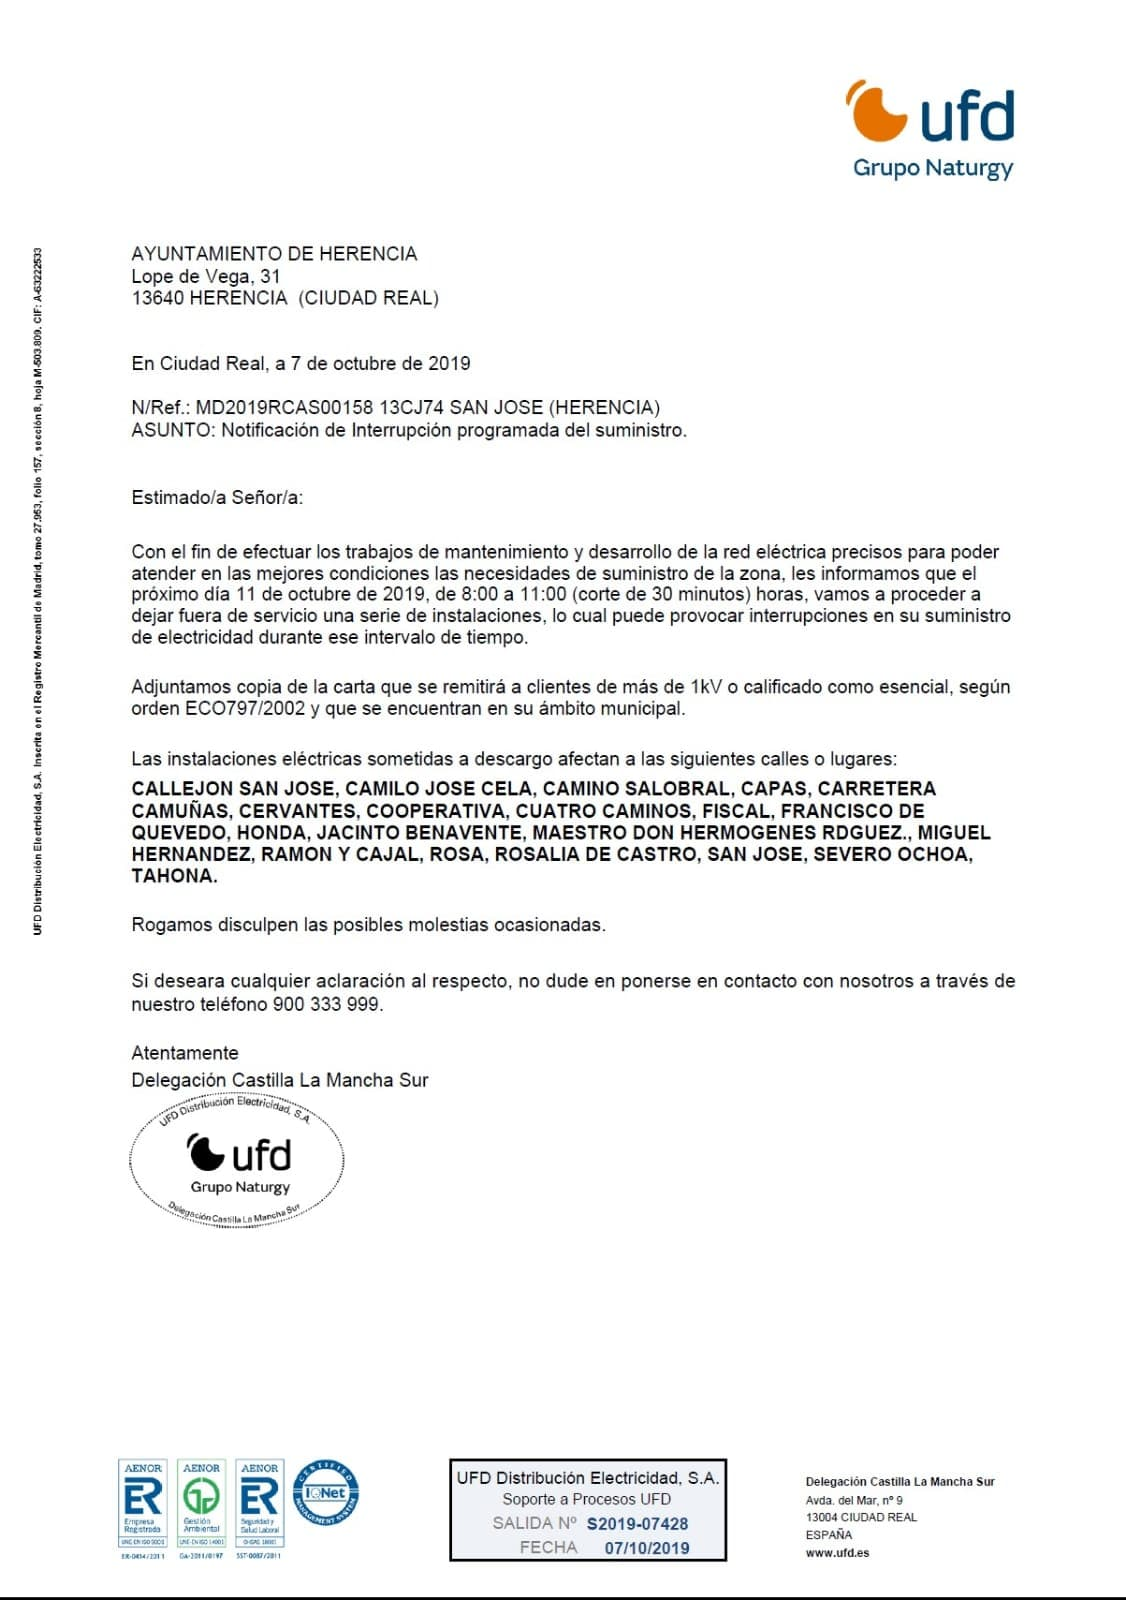 Cortes de suministro eléctrico para el próximo 11 de octubre 5